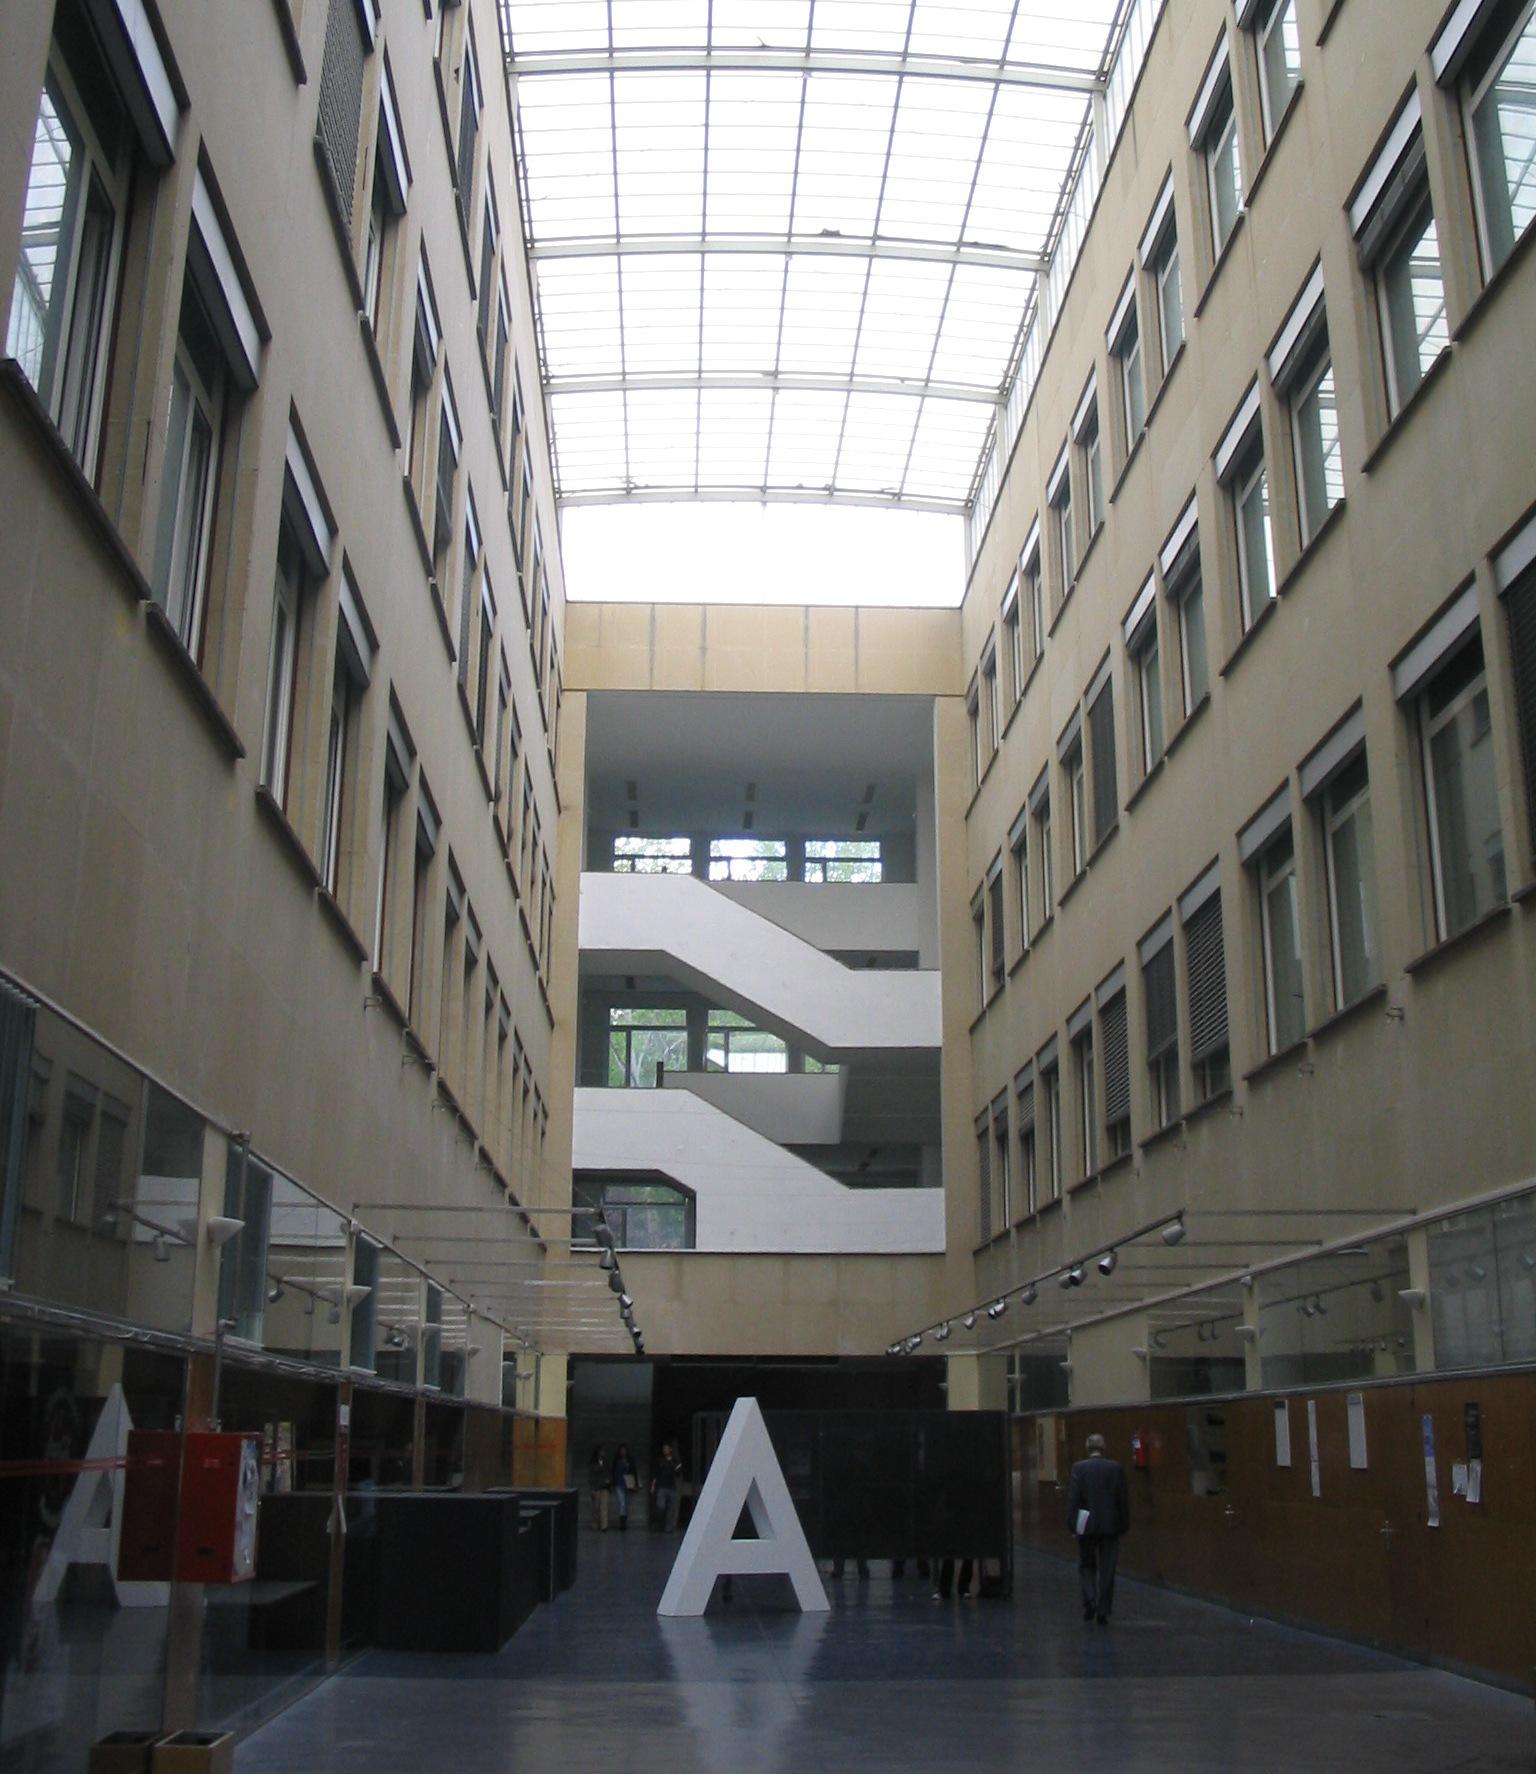 Archivo:ETSAM edificio nuevo.JPG - Wikipedia, la enciclopedia libre